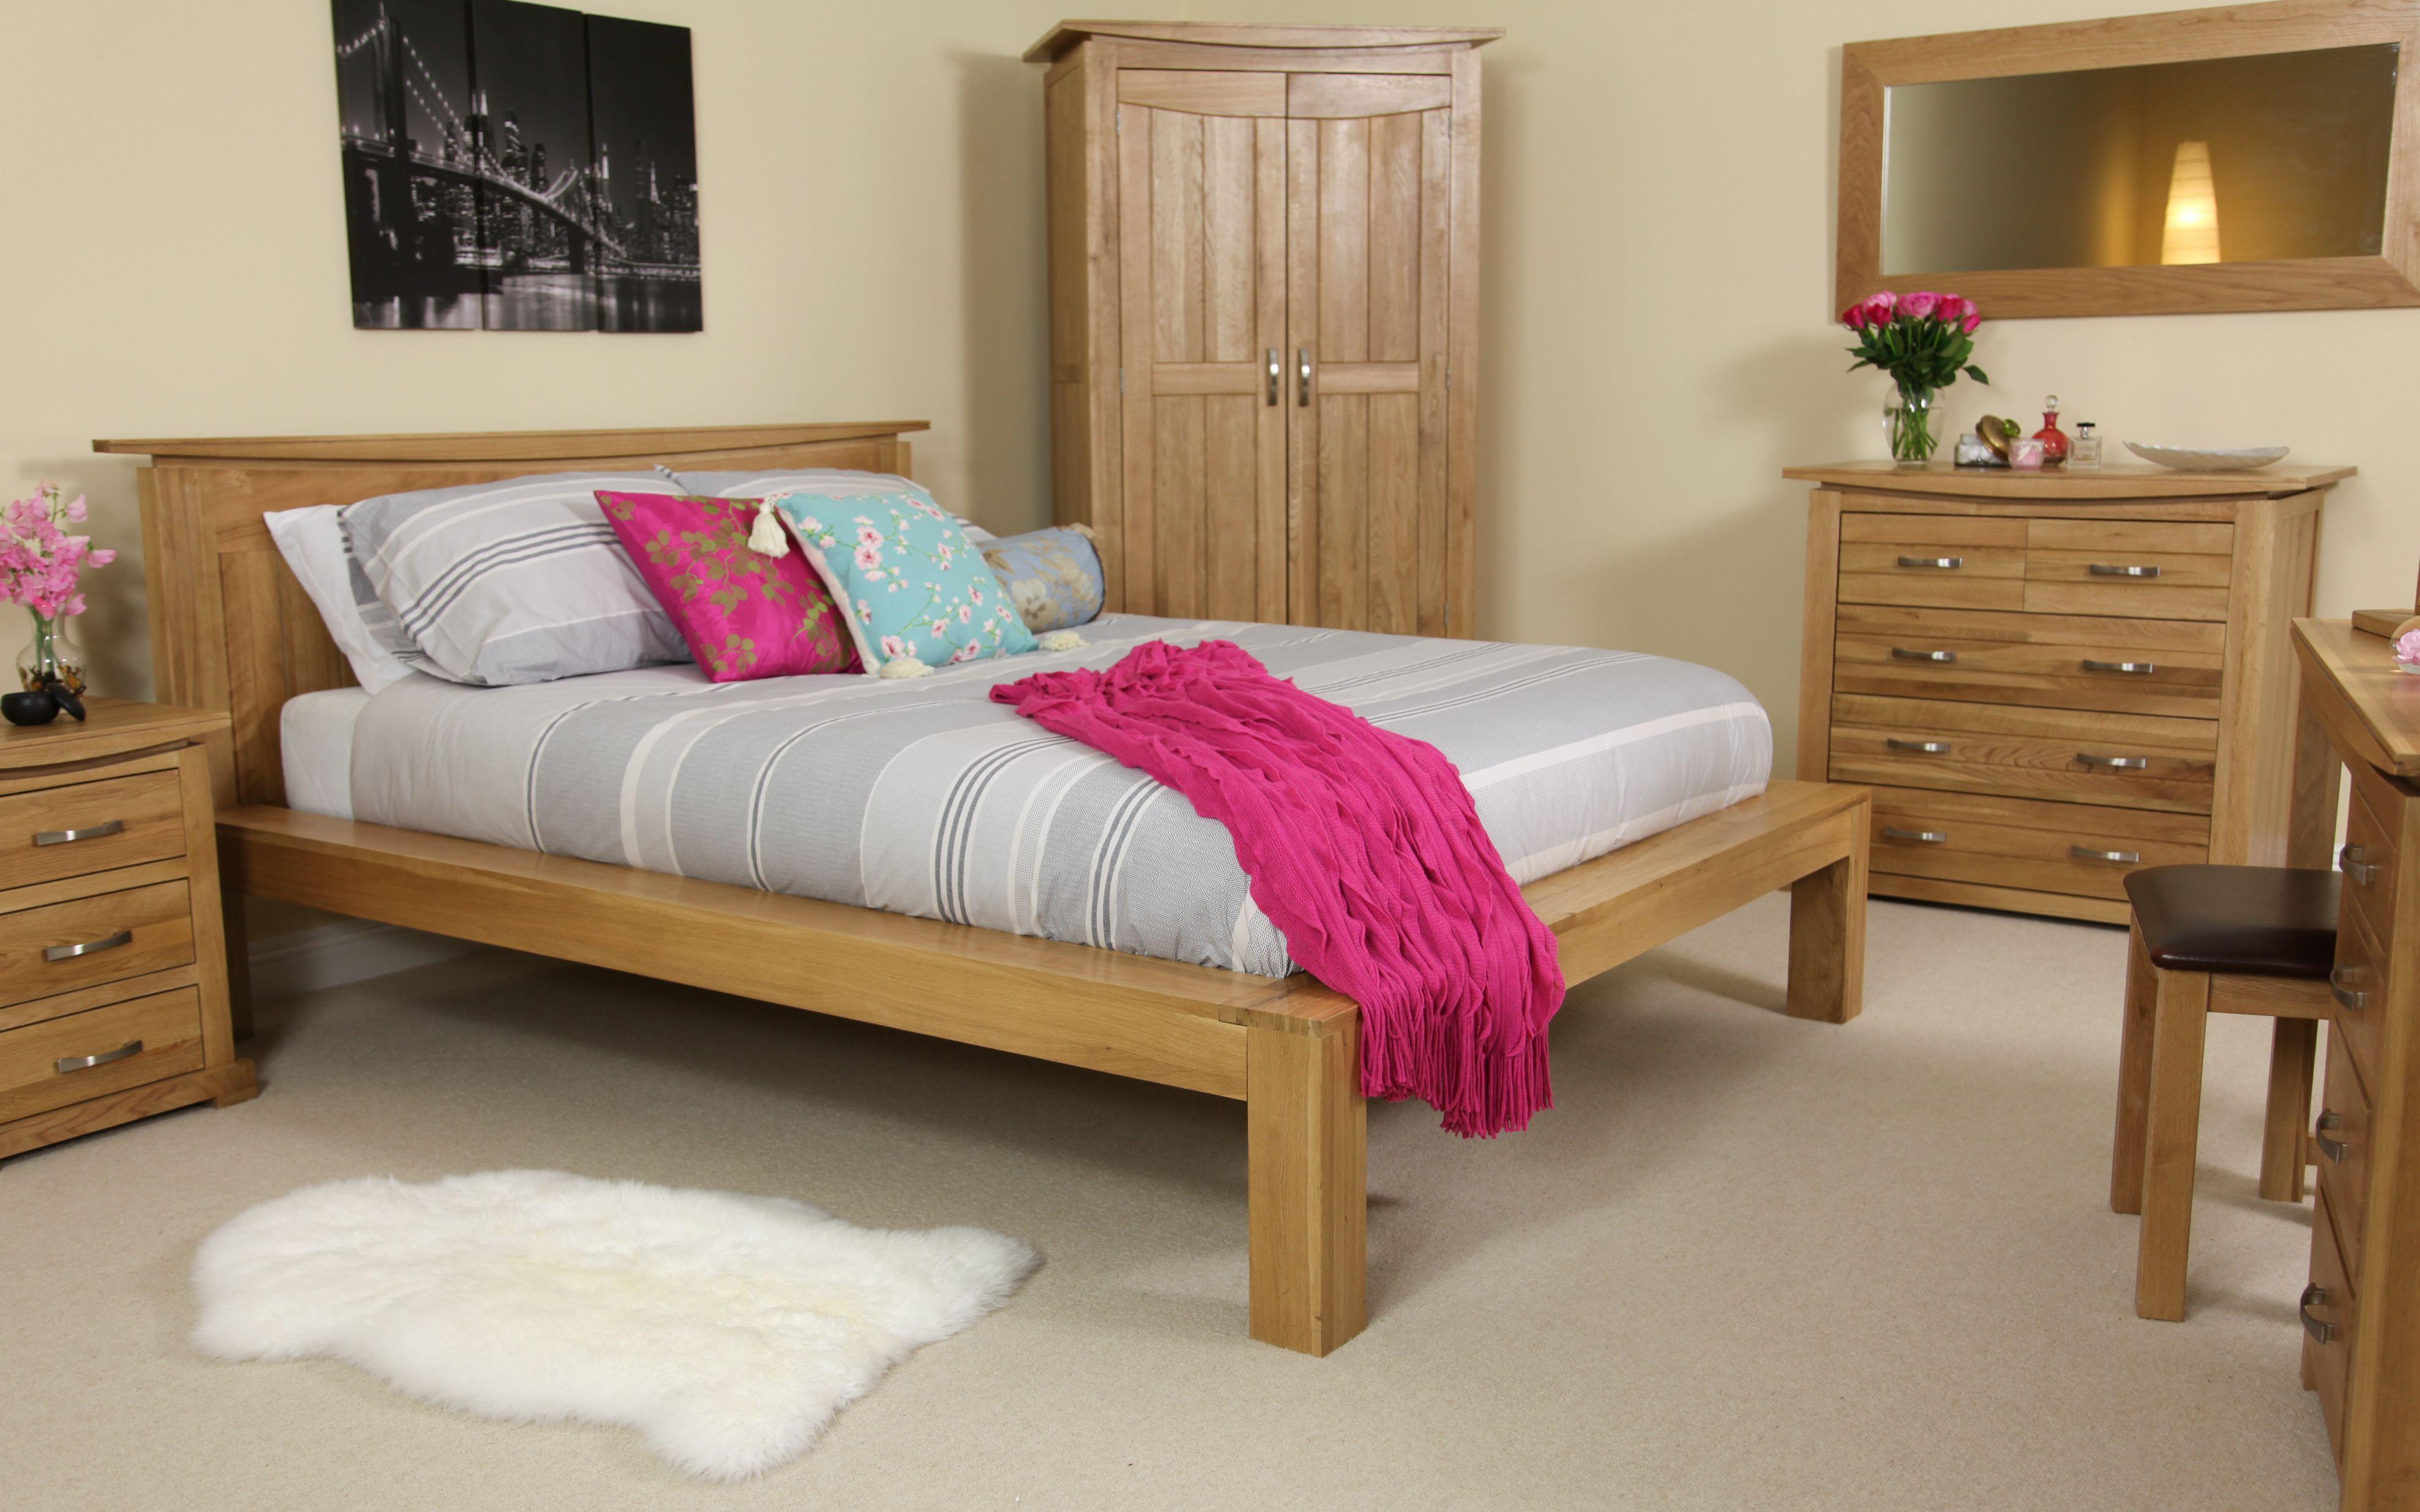 Tokyo Solid Oak Double Bed Www Oakfurnitureland Co Uk Bed Furniture Solid Oak Beds